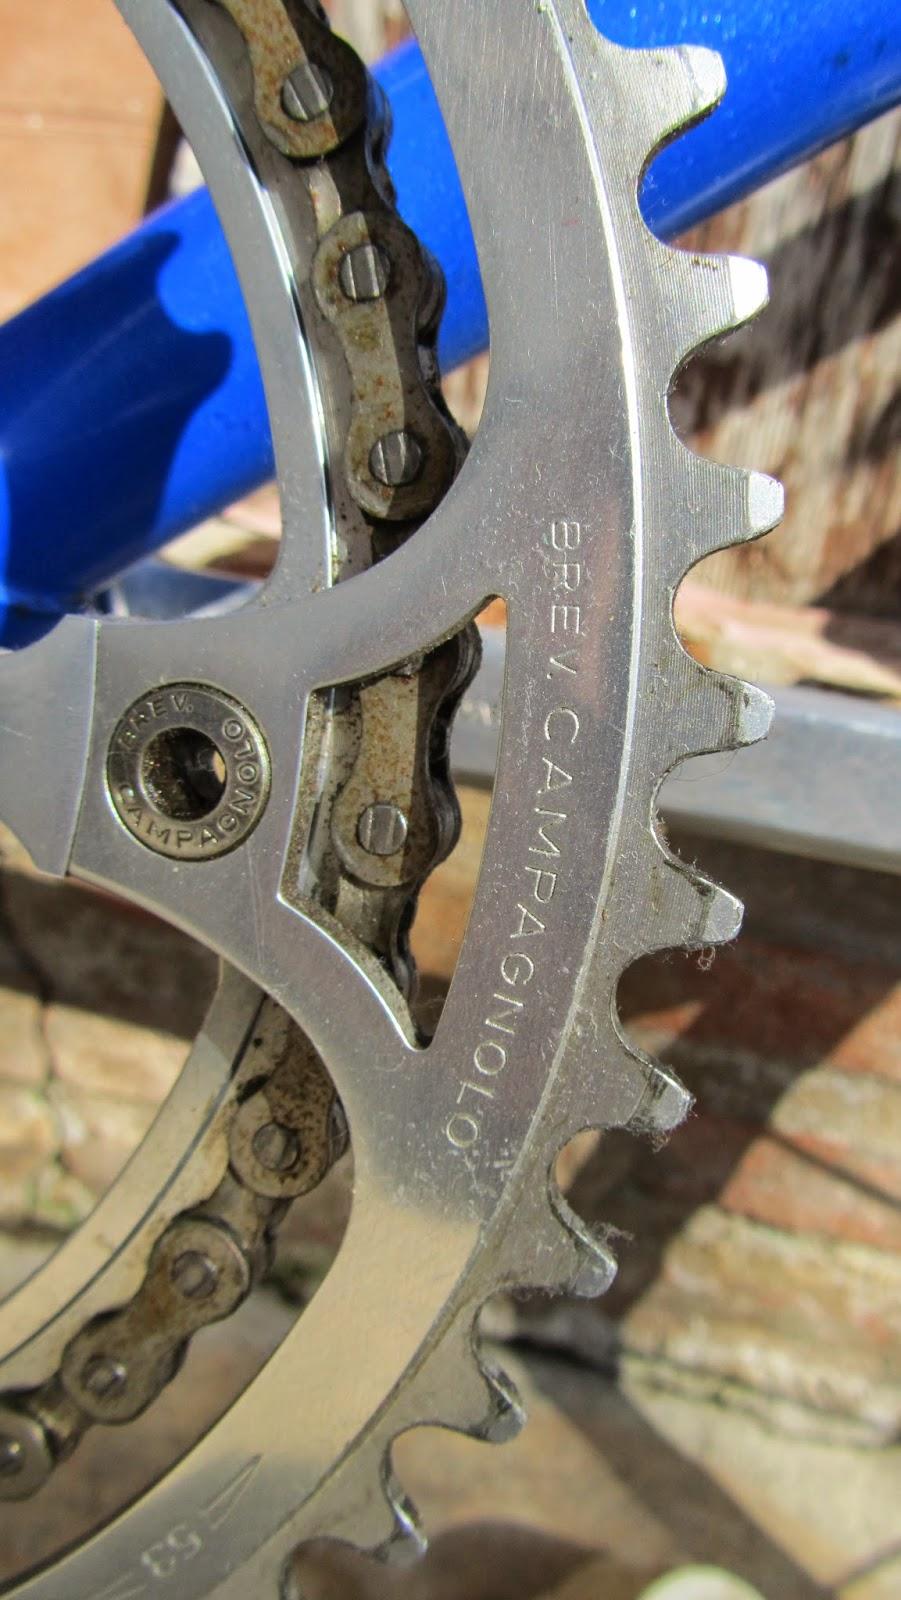 bicicleta orbea contrarreloj plato campagnolo